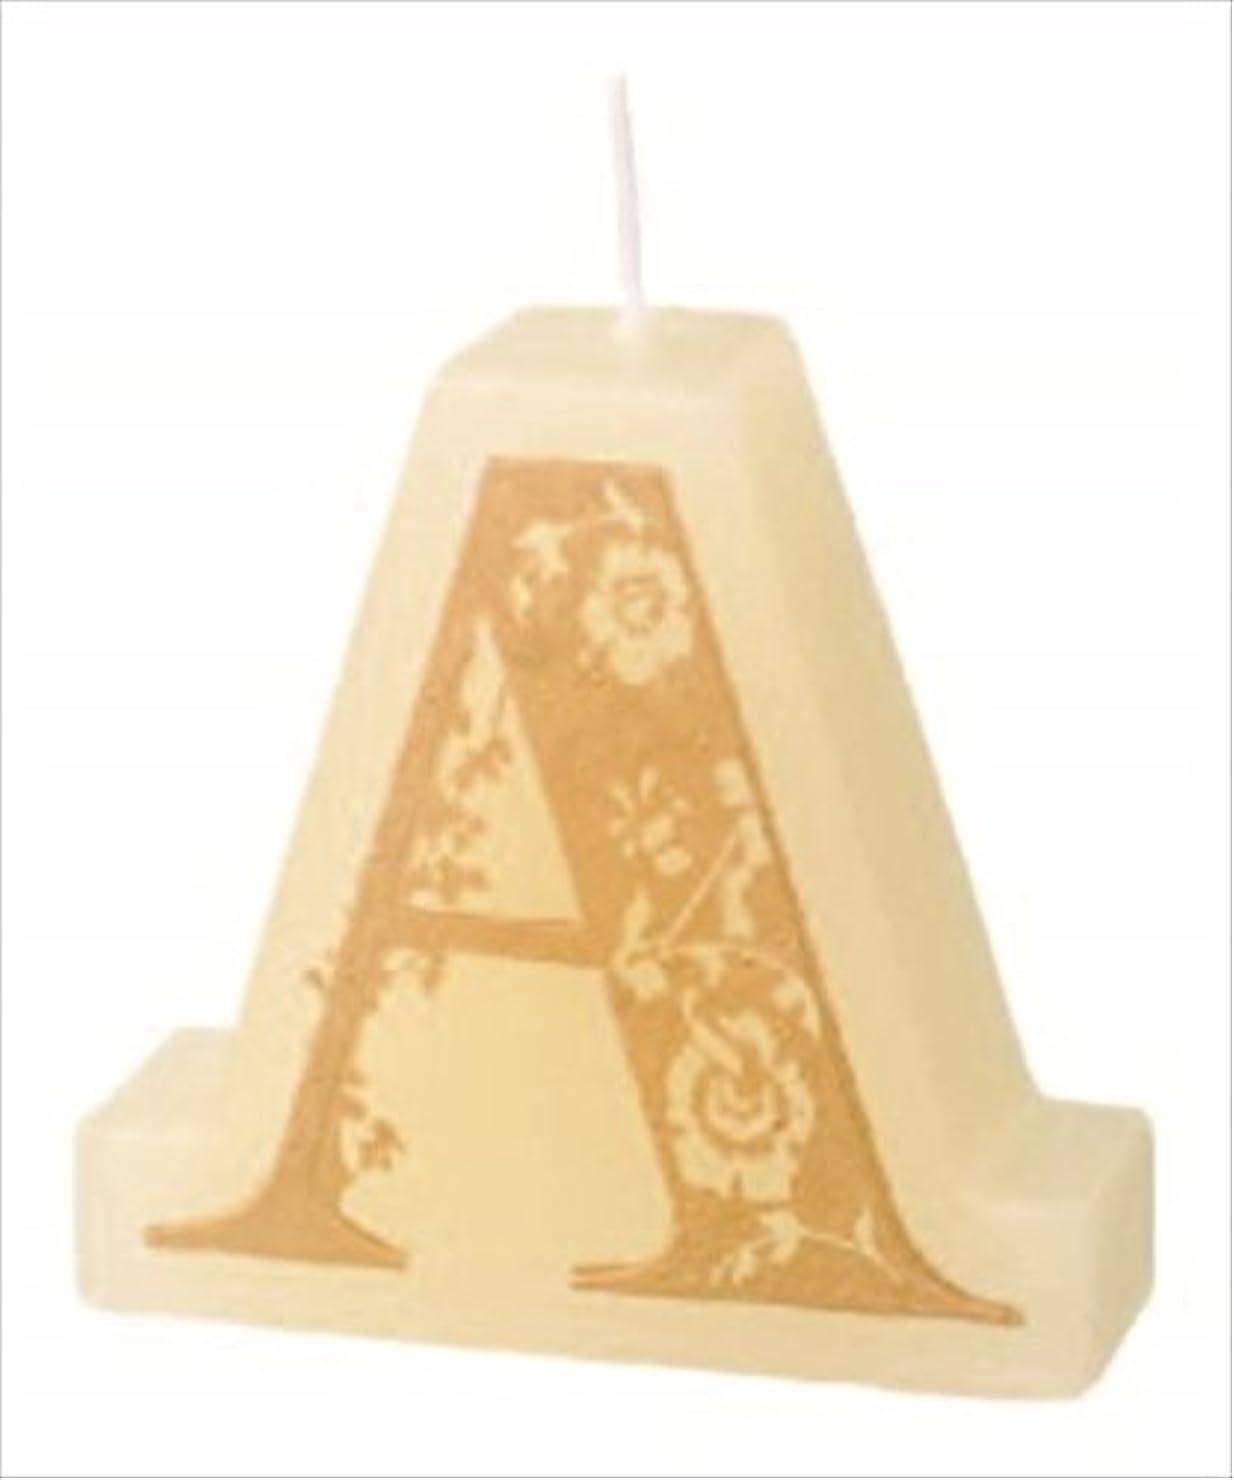 適切に完璧な改修カメヤマキャンドル(kameyama candle) イニシャルキャンドルミニ 「 A 」